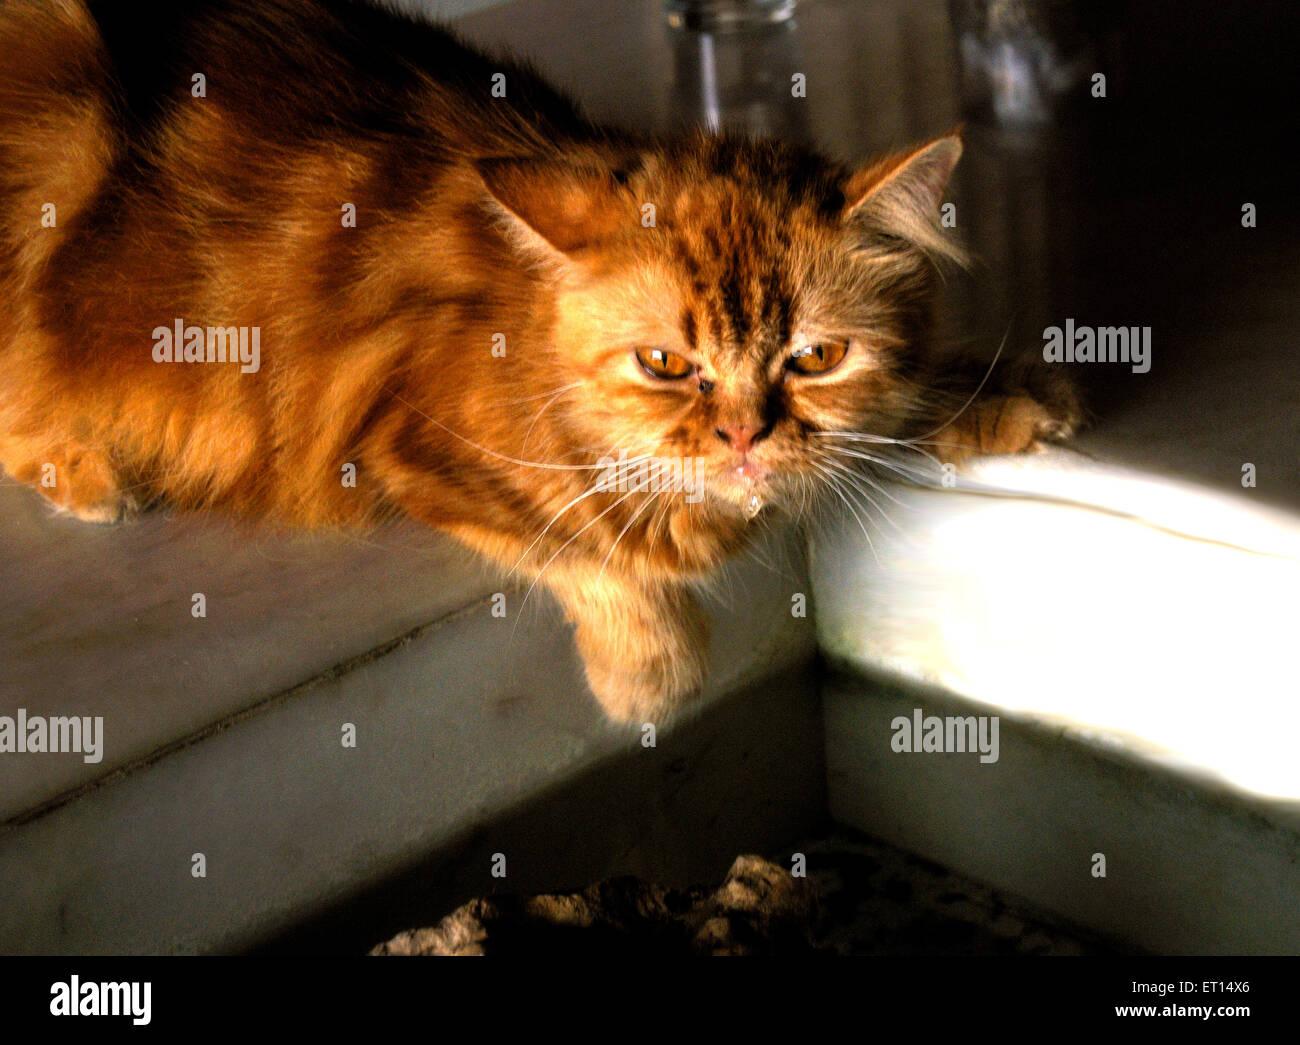 Persian brown cat - Stock Image